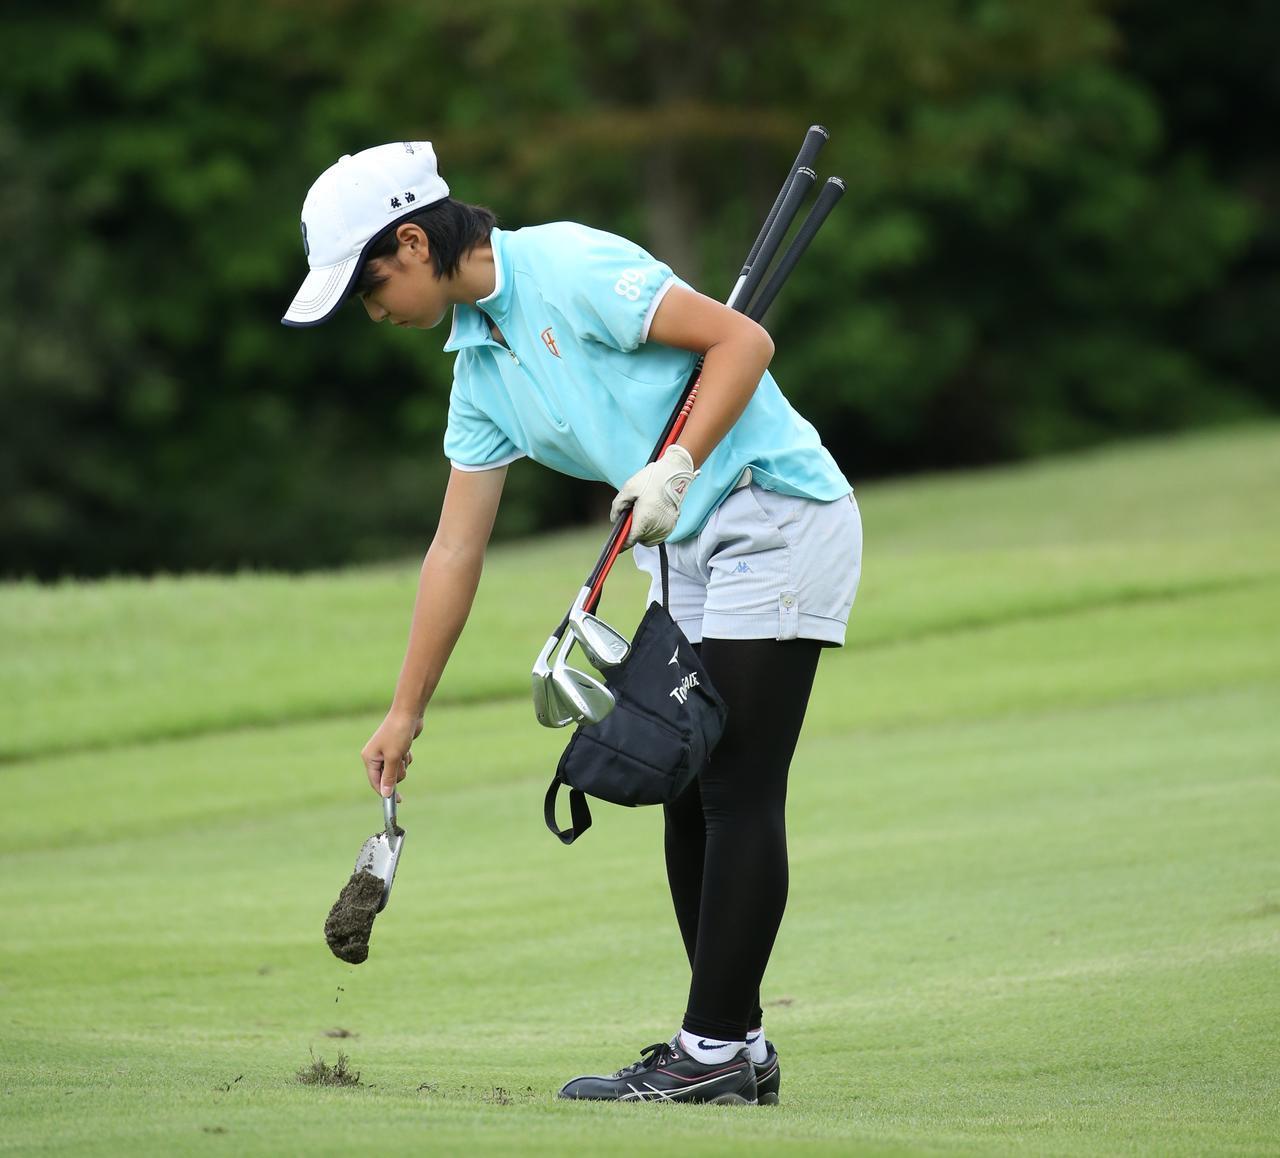 画像: 目土袋持参し目土をするジュニアゴルファー